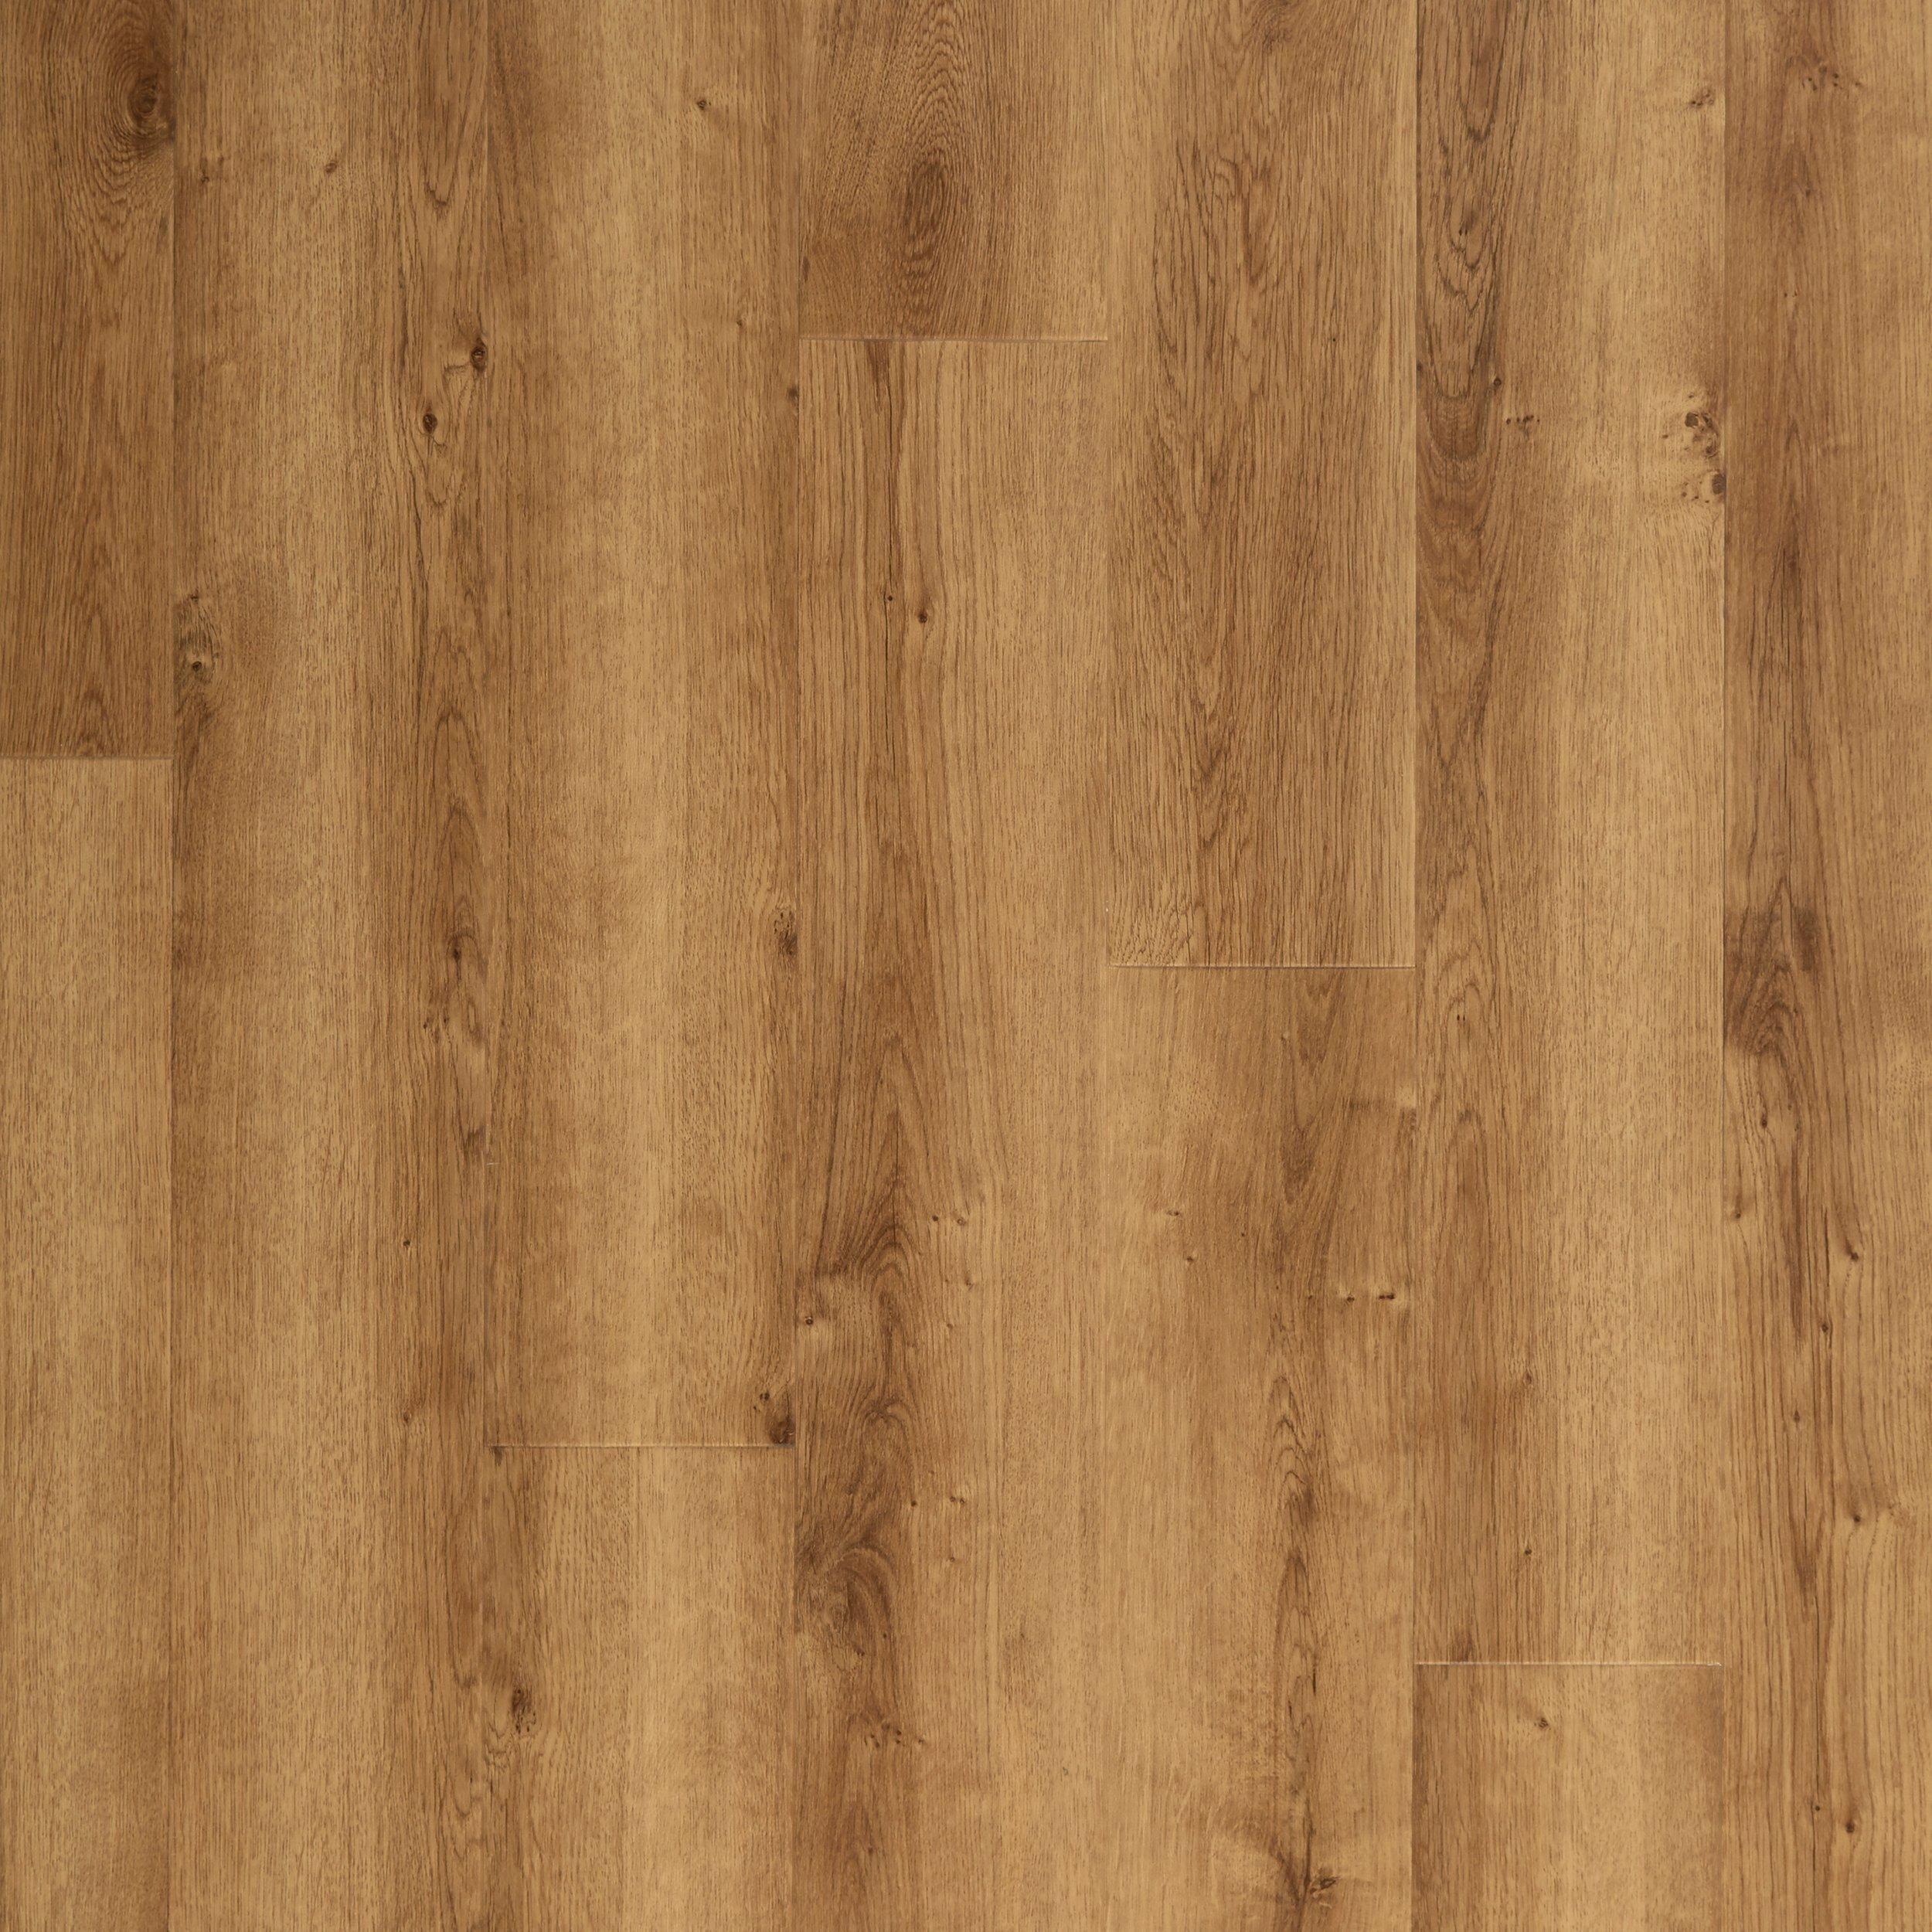 Blonde Oak Rigid Core Luxury Vinyl Plank Cork Back Luxury Vinyl Plank Vinyl Plank Flooring